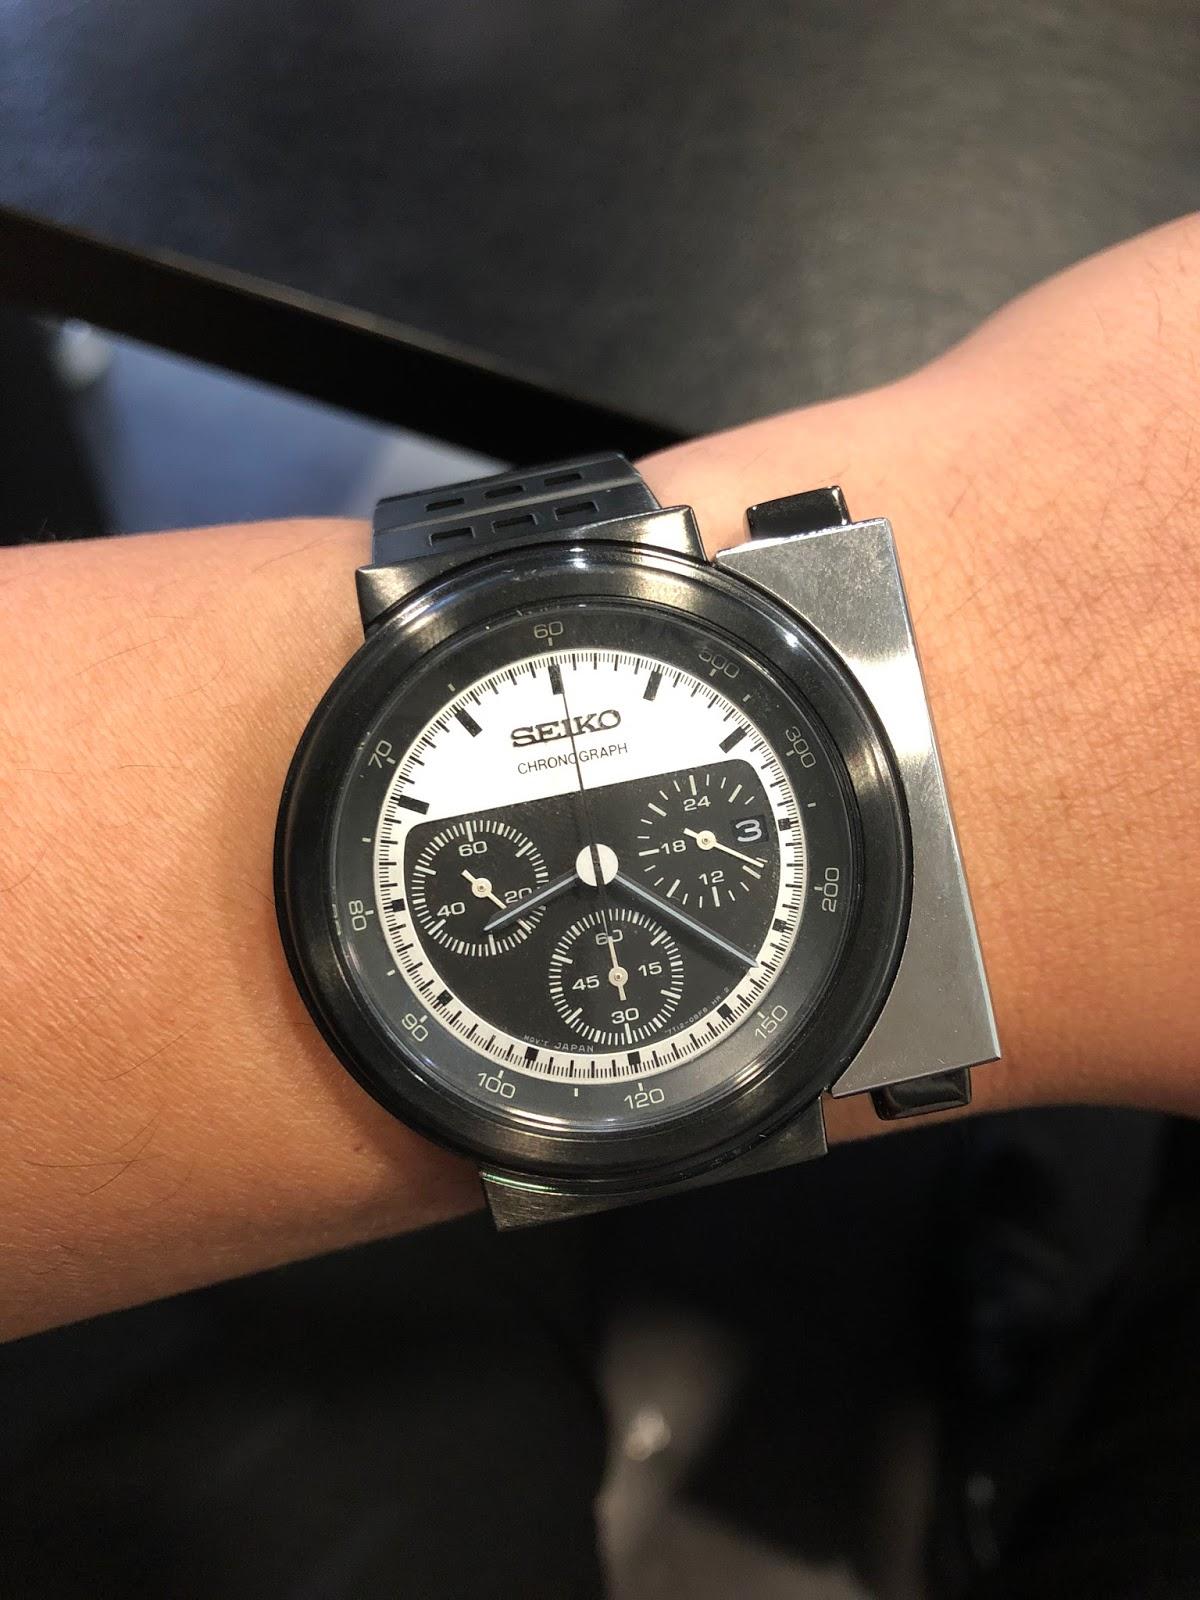 b4d4ea340711 My Eastern Watch Collection  Seiko Spirit Chronograph Giugiaro ...